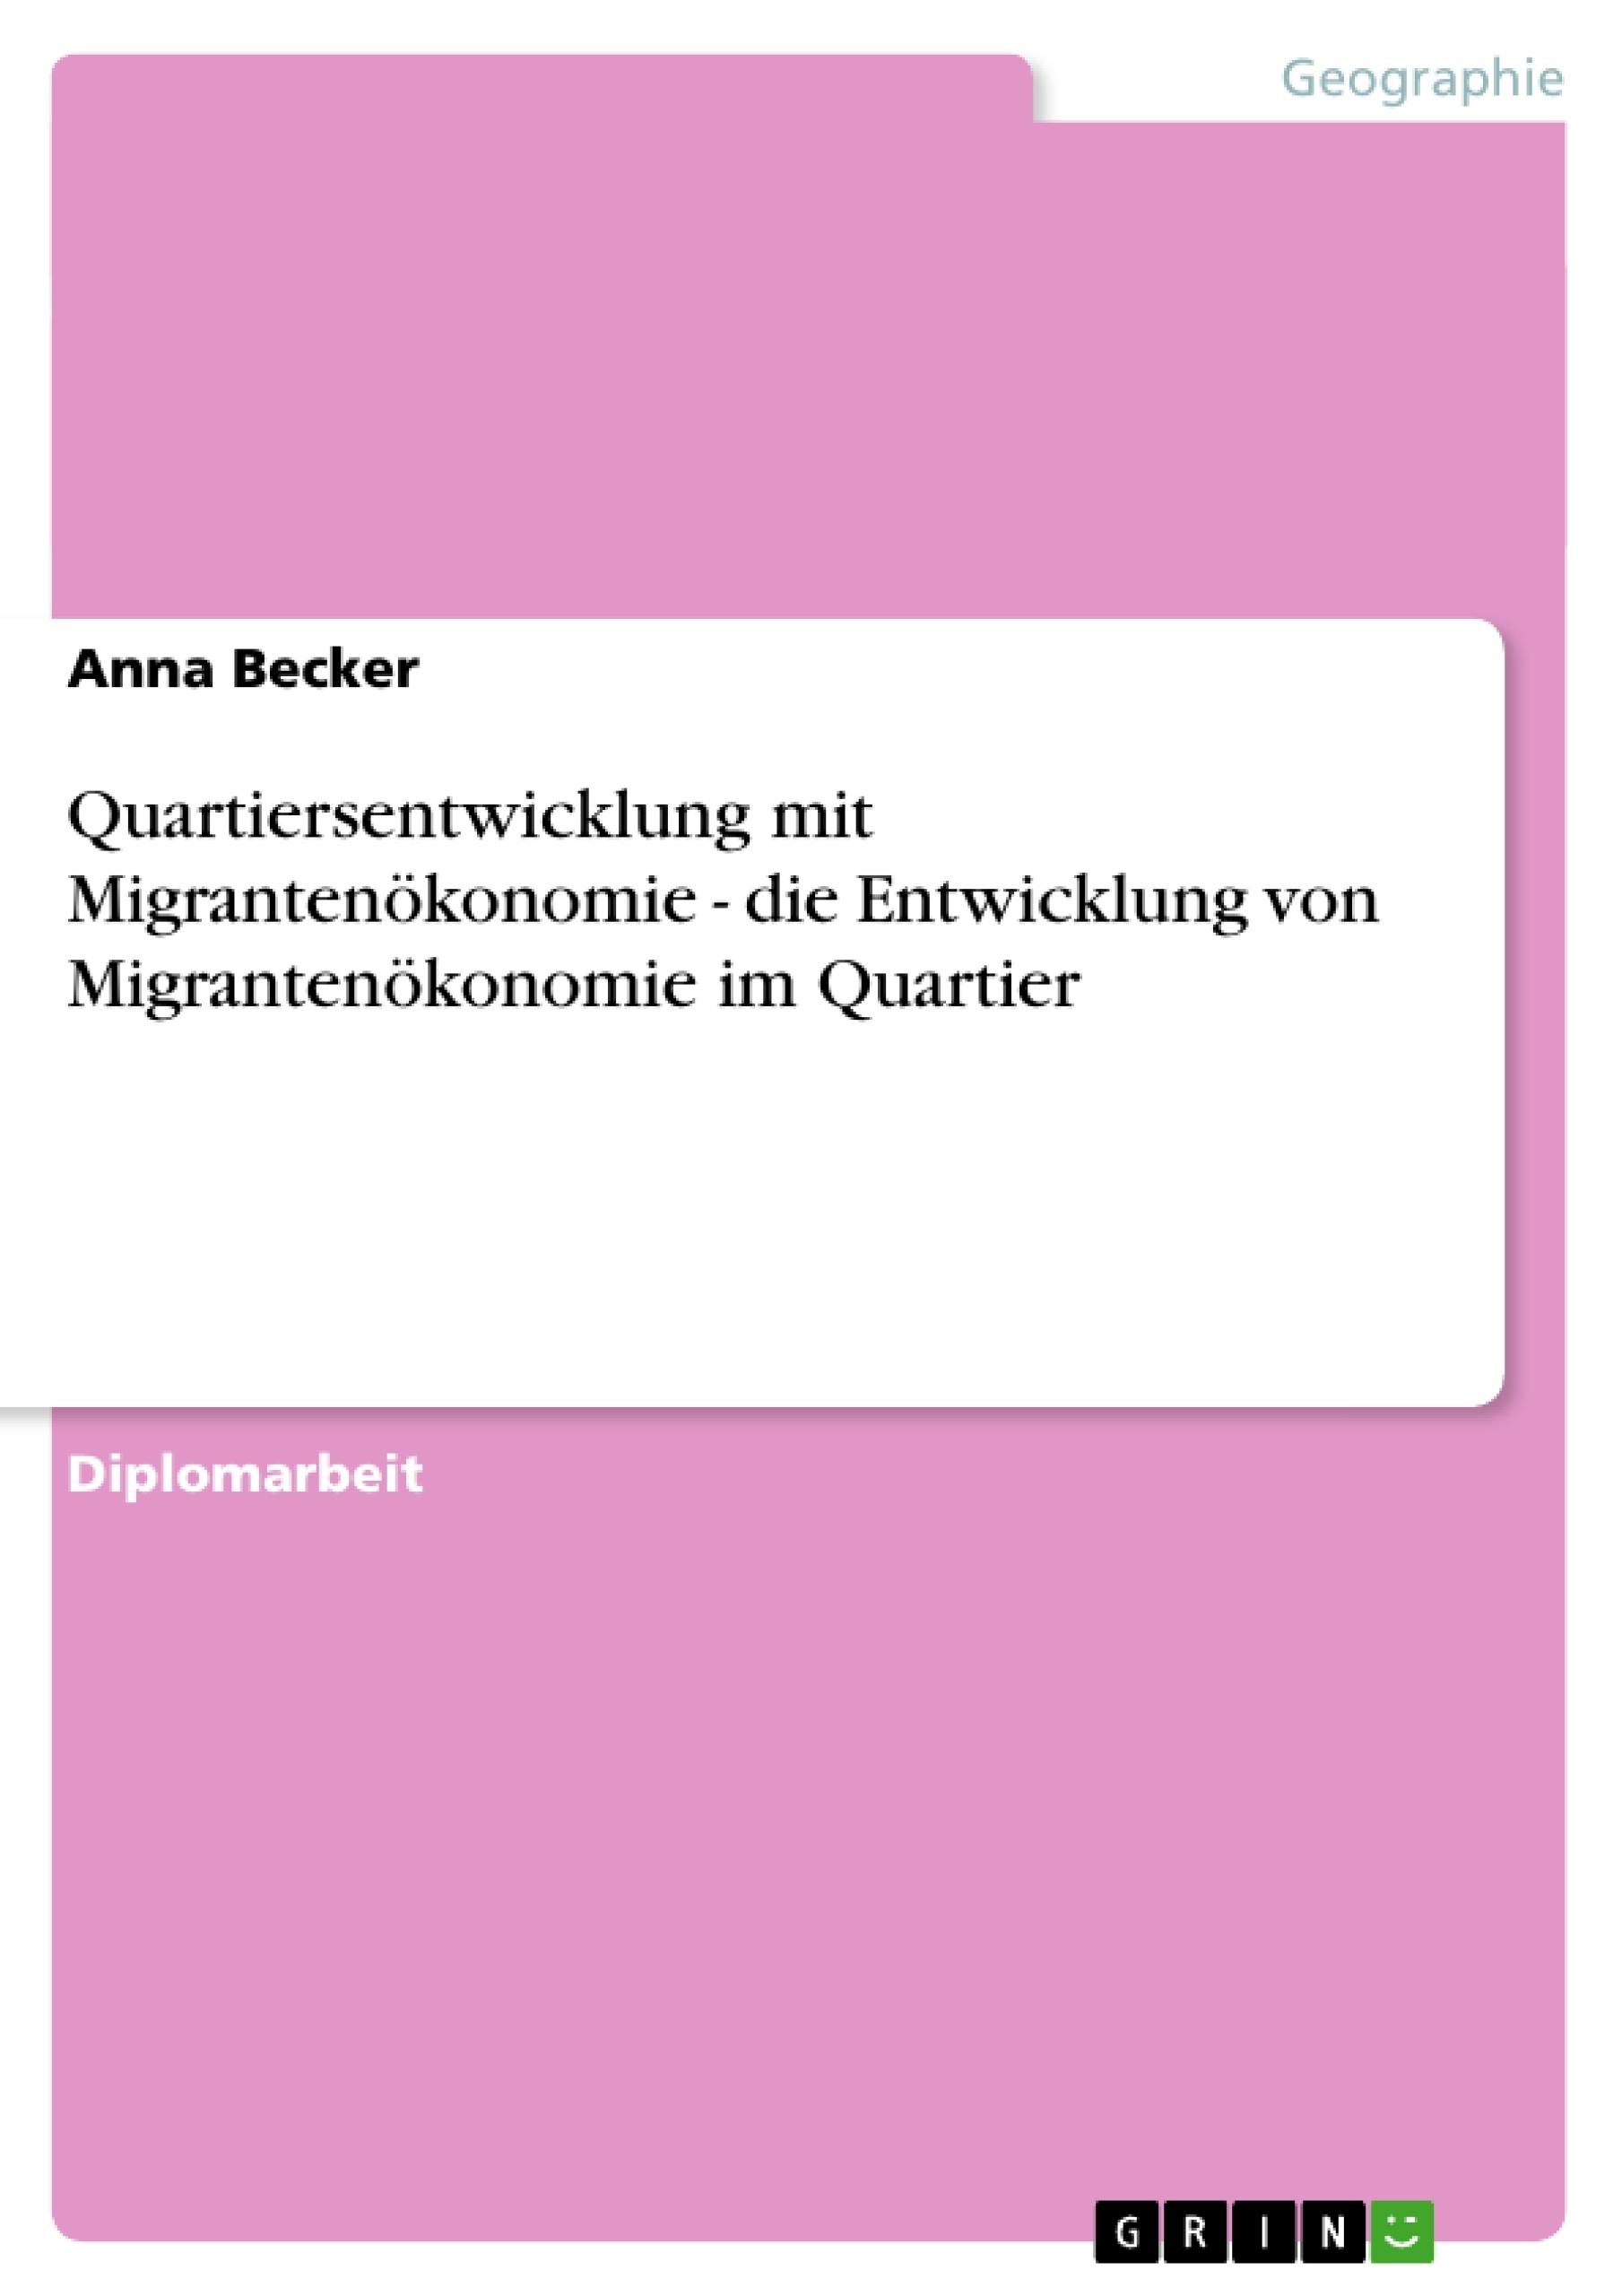 Titel: Quartiersentwicklung mit Migrantenökonomie - die Entwicklung von Migrantenökonomie im Quartier